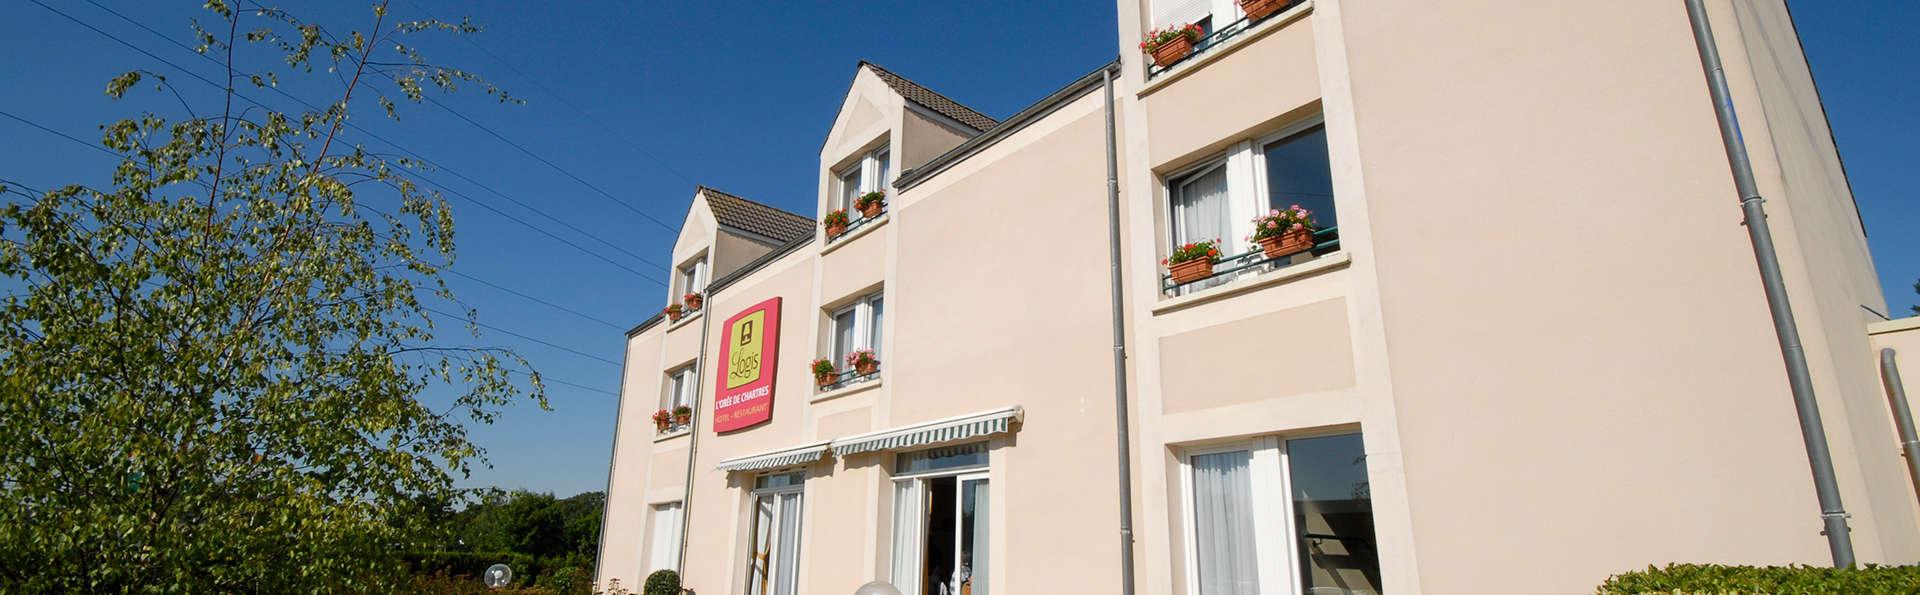 Logis L'Orée de Chartres - Edit_Front2.jpg